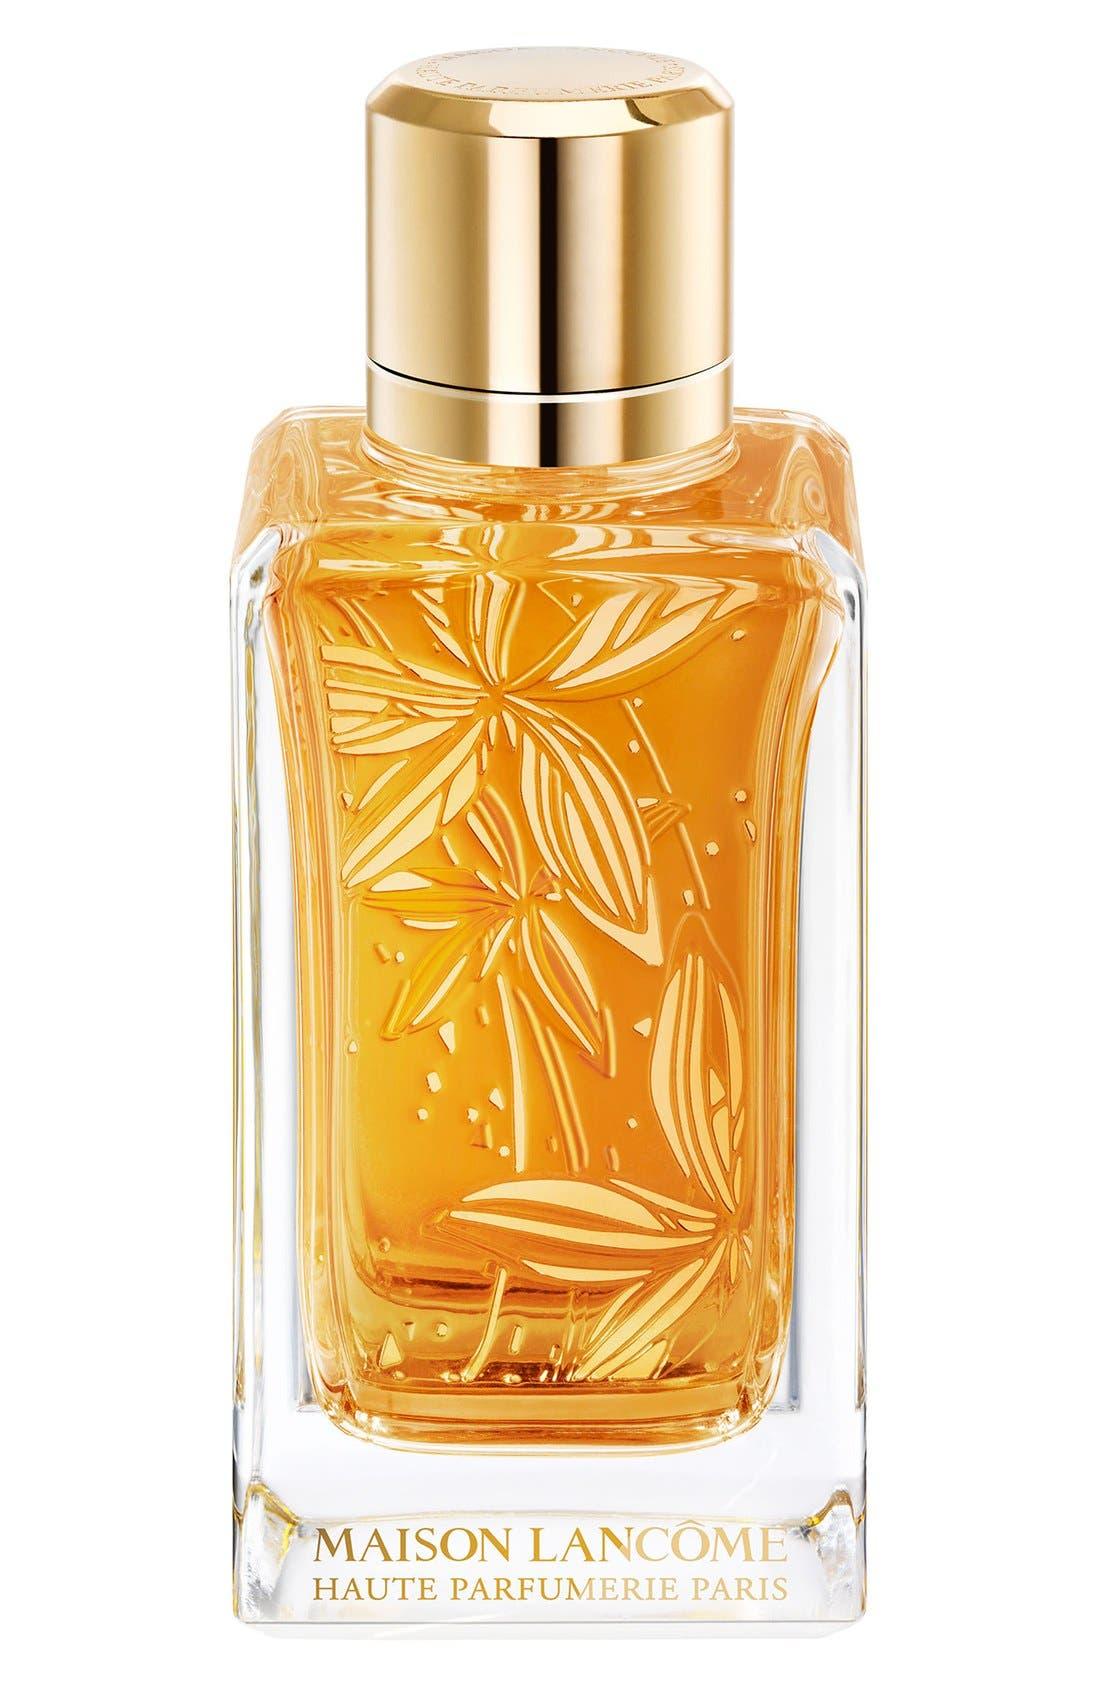 Lancôme Maison Lancôme - Jasmins Marzipane Eau de Parfum